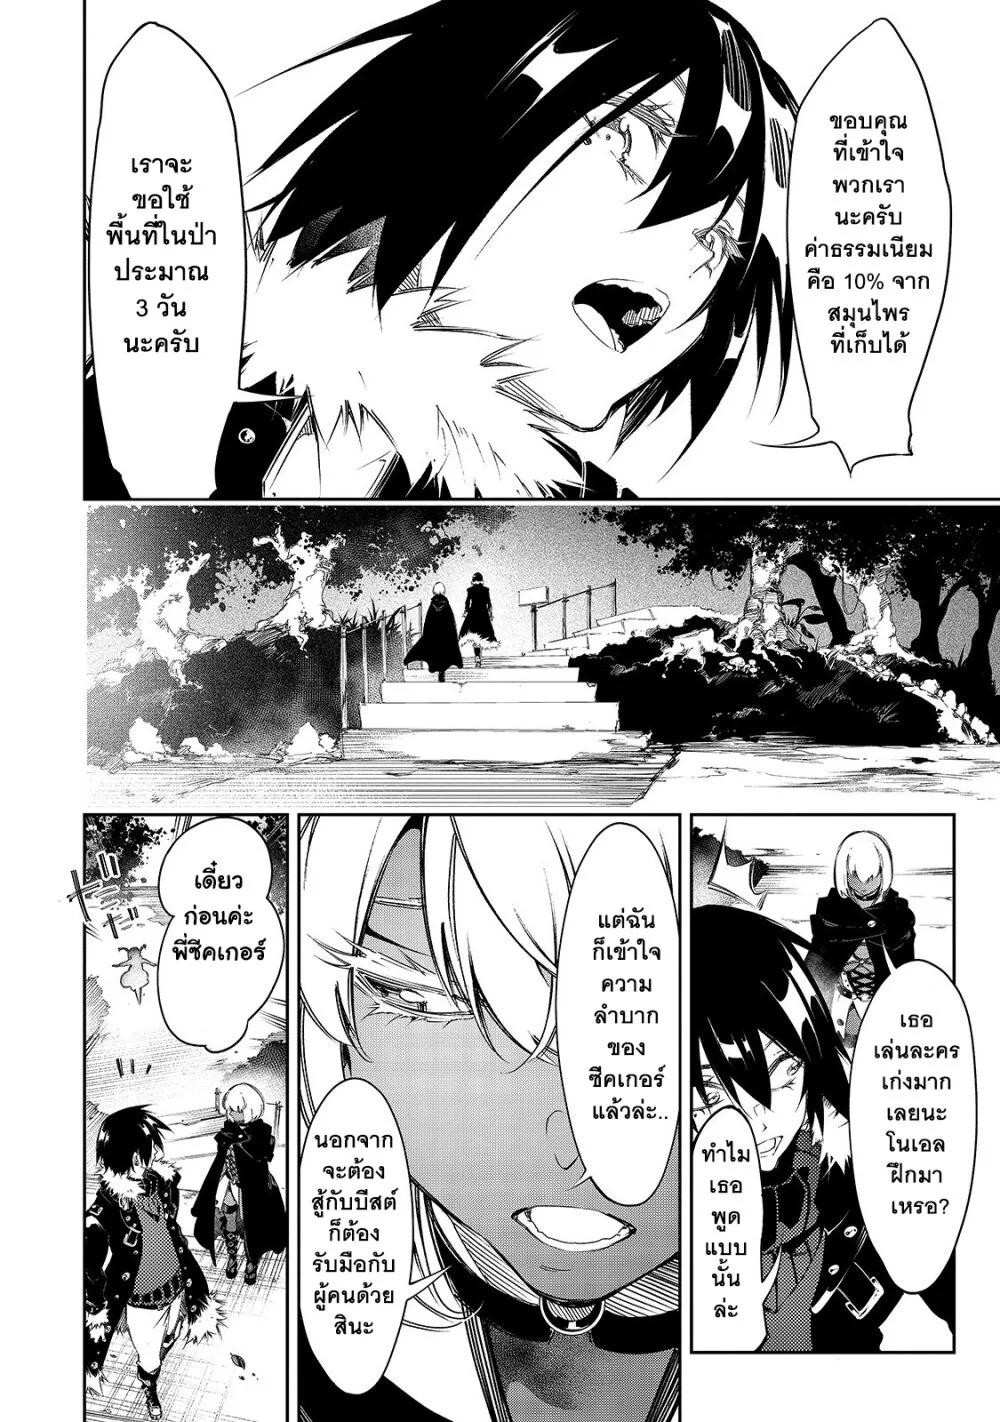 อ่านการ์ตูน Saikyou no Shien-shoku Wajutsushi Dearu Ore wa Sekai Saikyou Kuran o Shitagaeru ตอนที่ 12 หน้าที่ 23